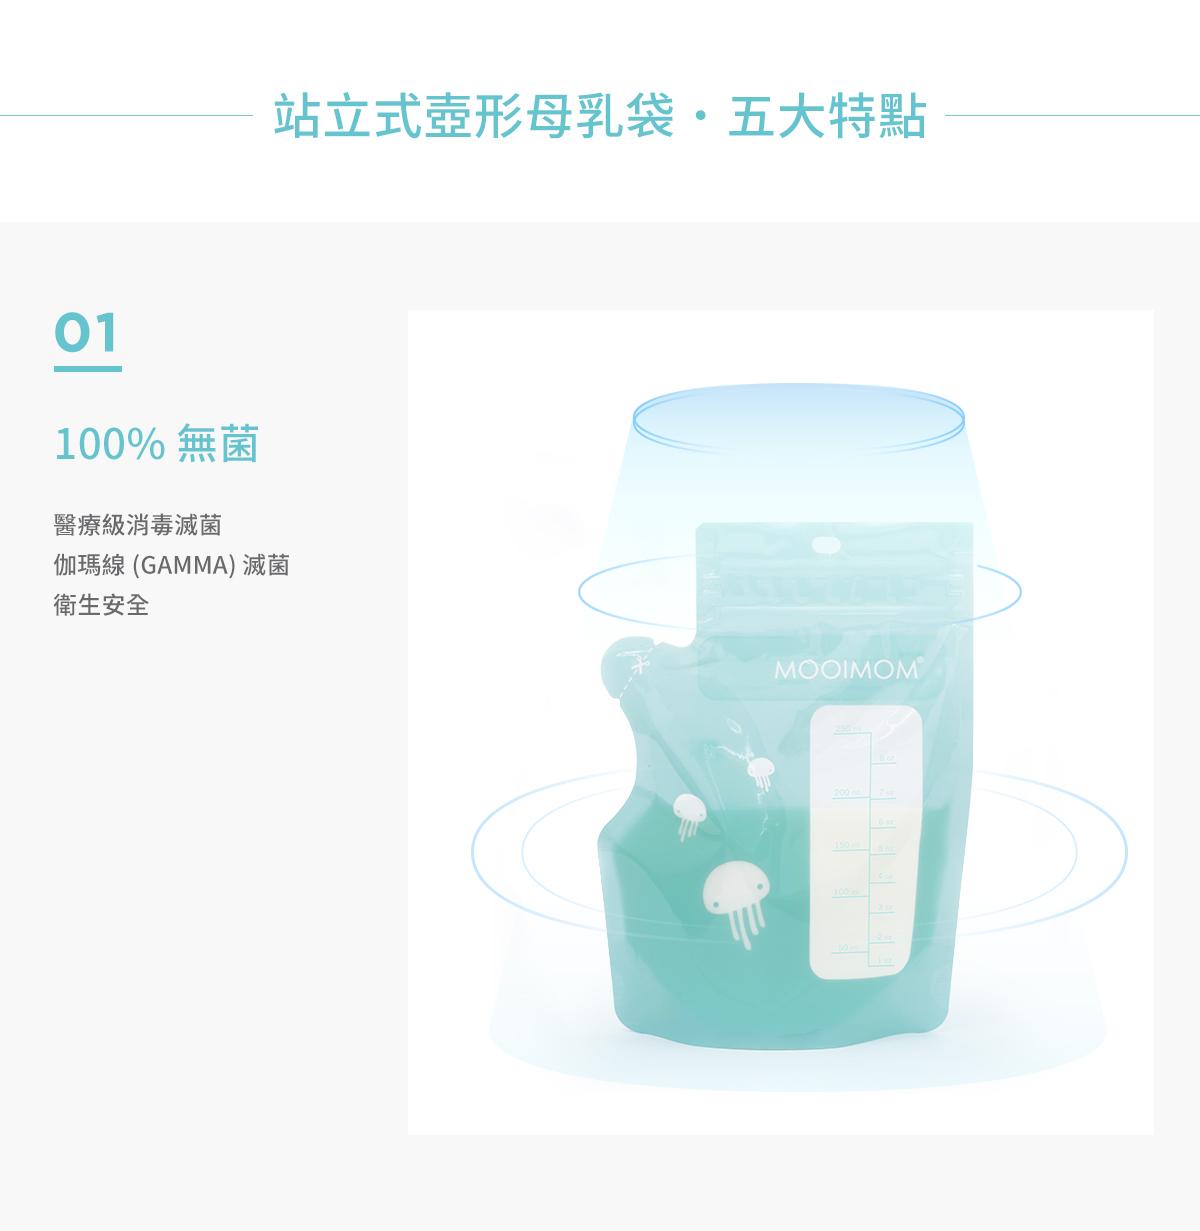 母乳袋, 站立式壺形母乳袋,, 母乳, 哺乳, 哺餵, 特點, 100%無菌, 消毒滅菌, 衛生安全